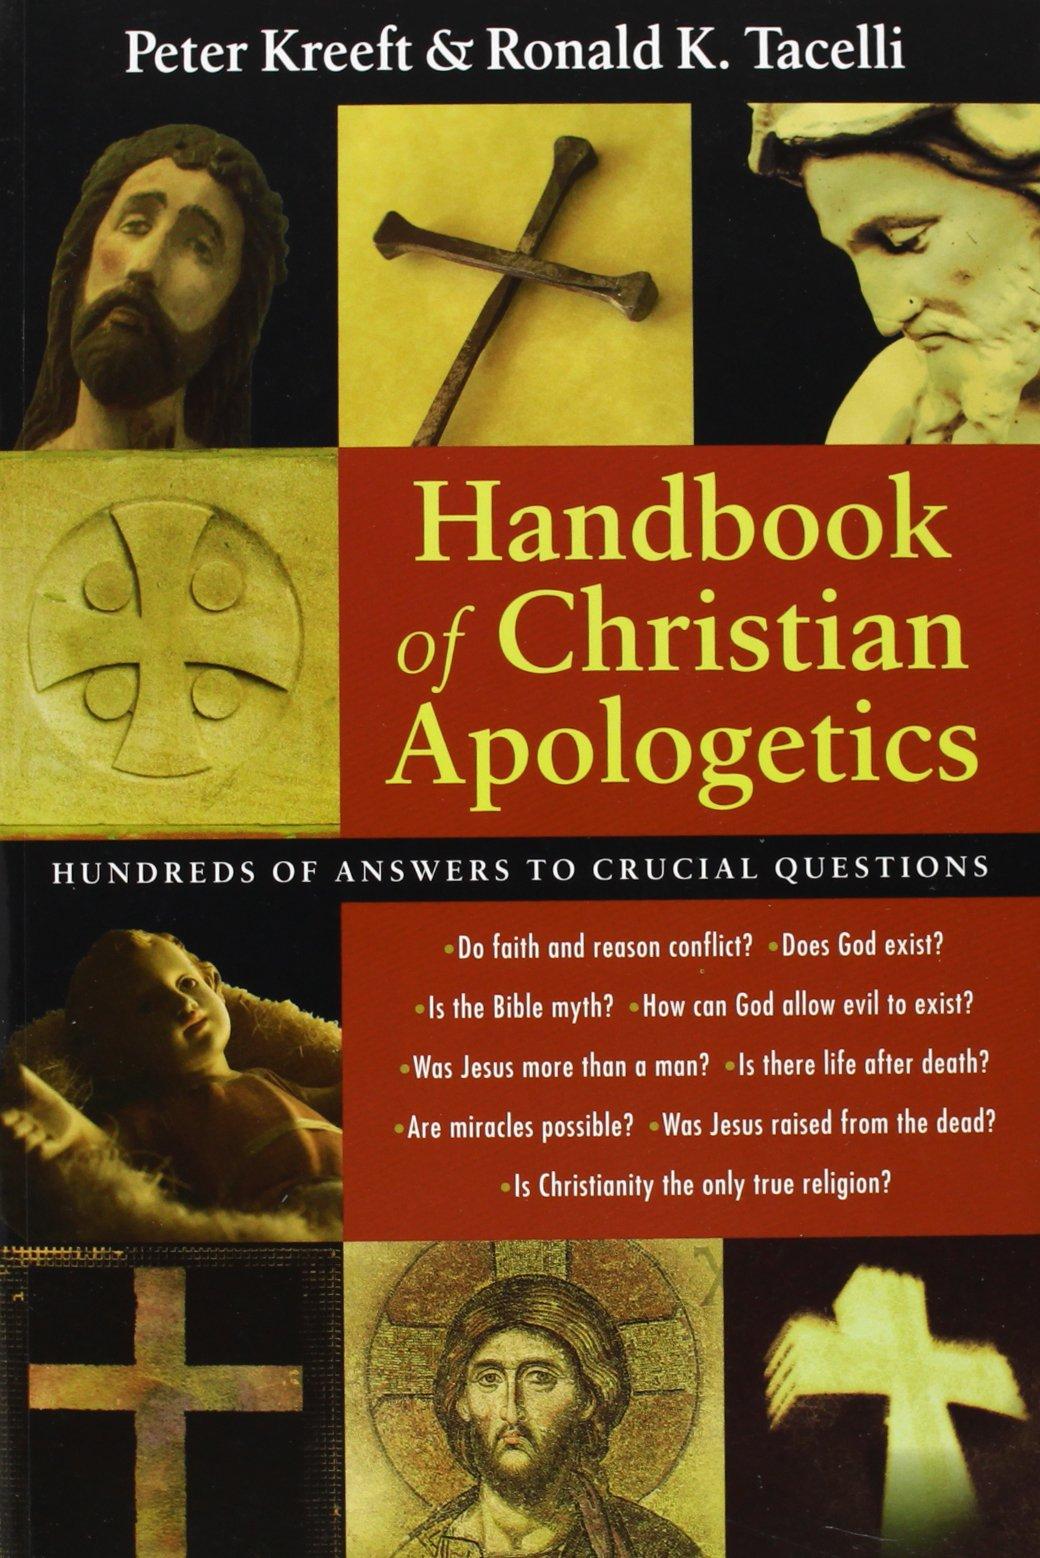 Handbook of Christian Apologetics: Peter Kreeft, Ronald K. Tacelli ...